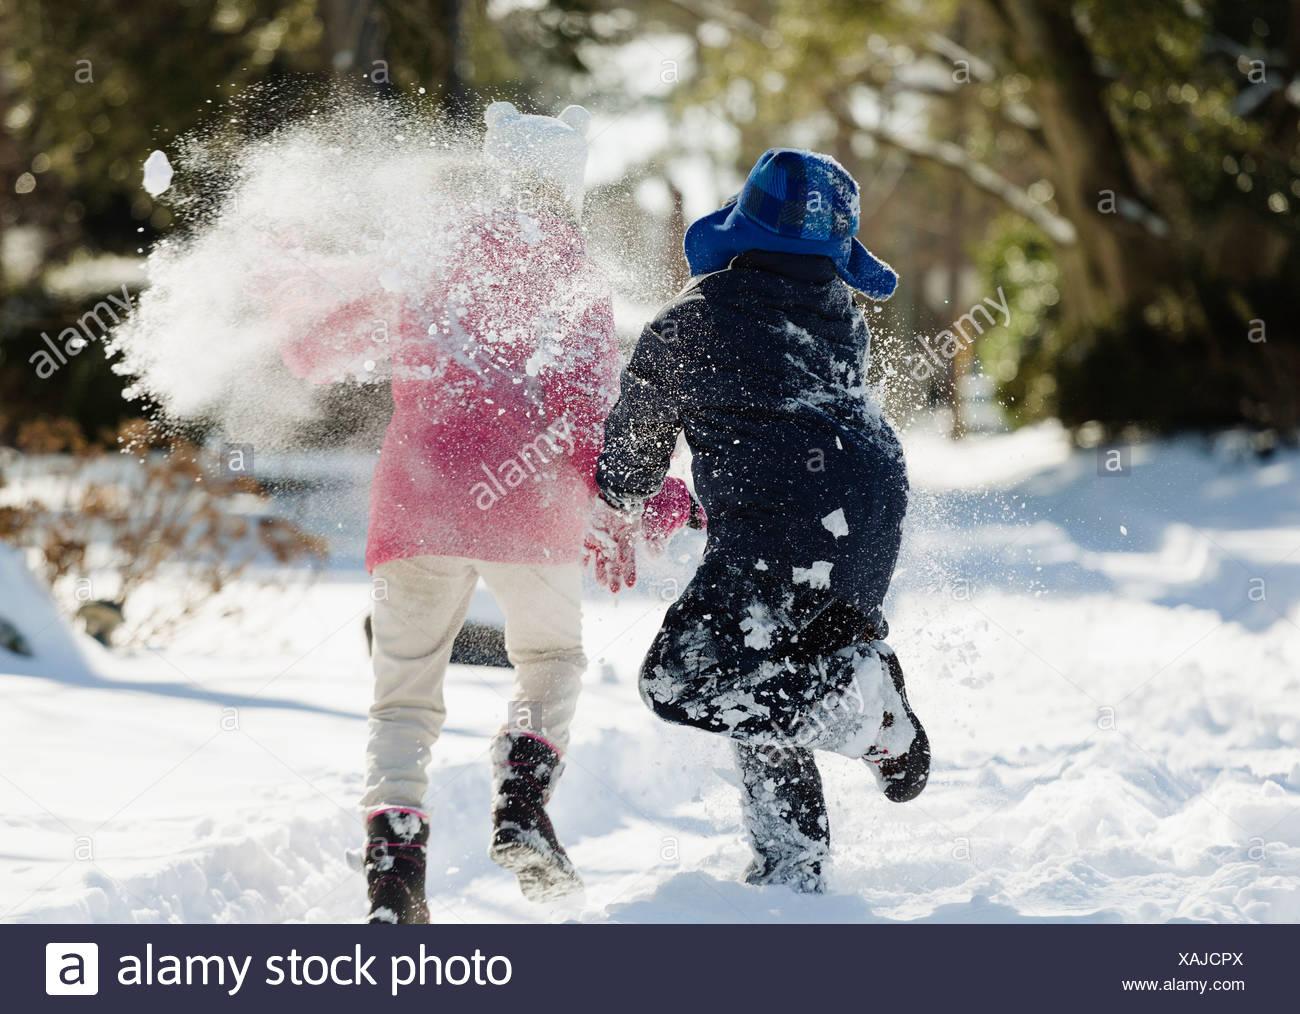 Zwei Kinder laufen im Schnee Stockbild